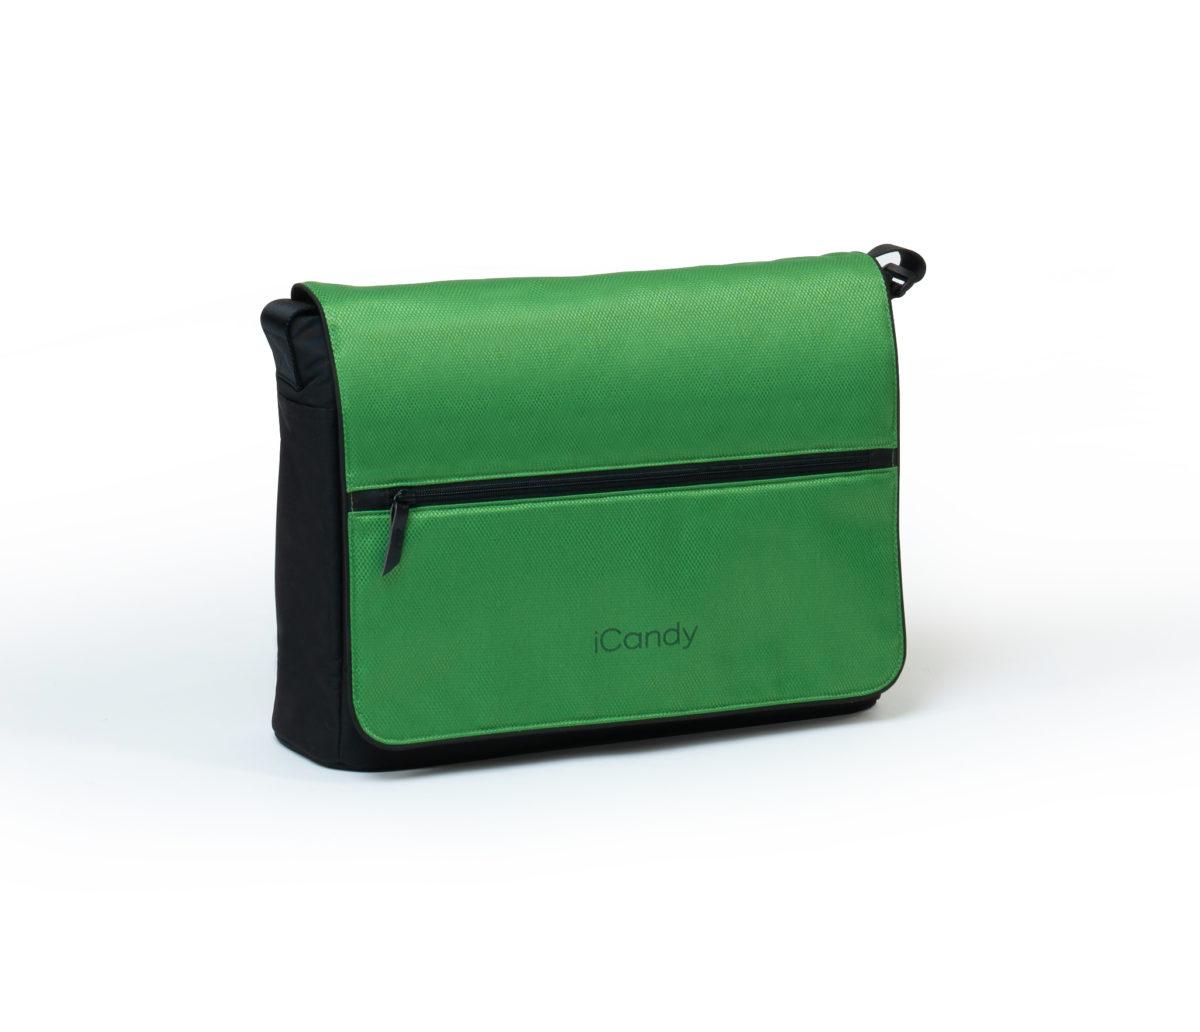 05iCandy Lime Plus Lime Bag-jpg